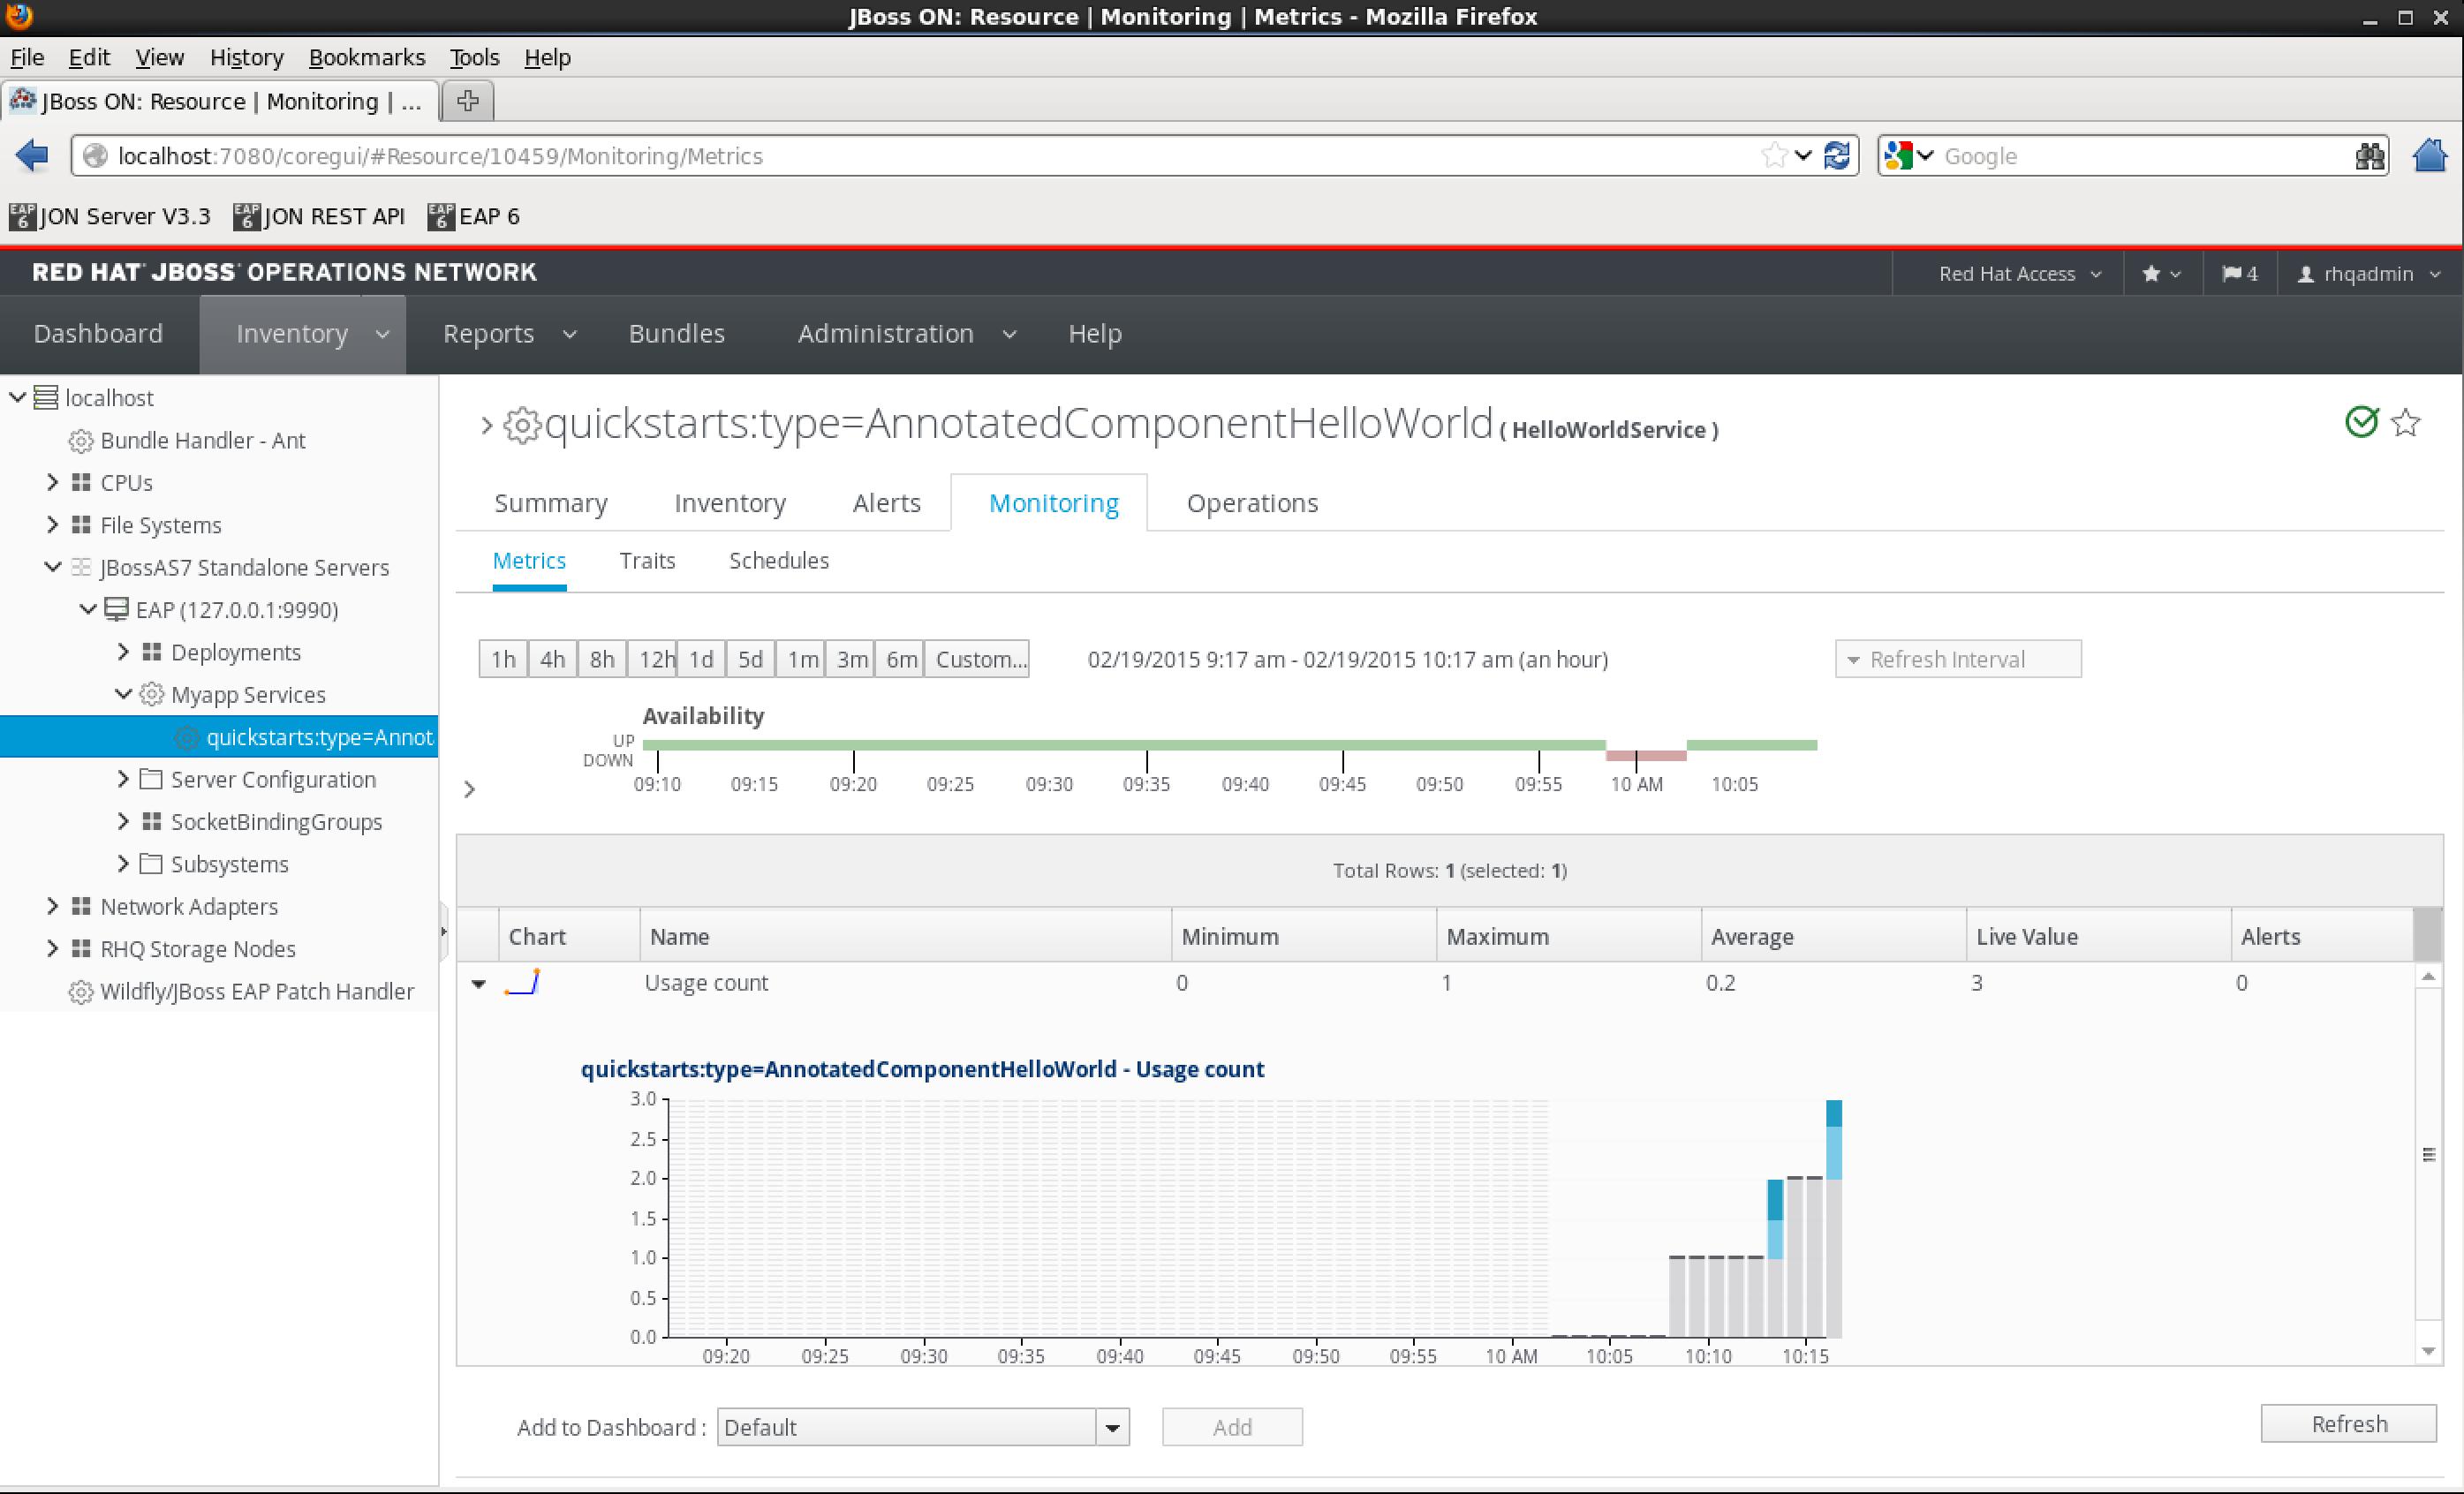 4. Monitoring of custom MBean metrics